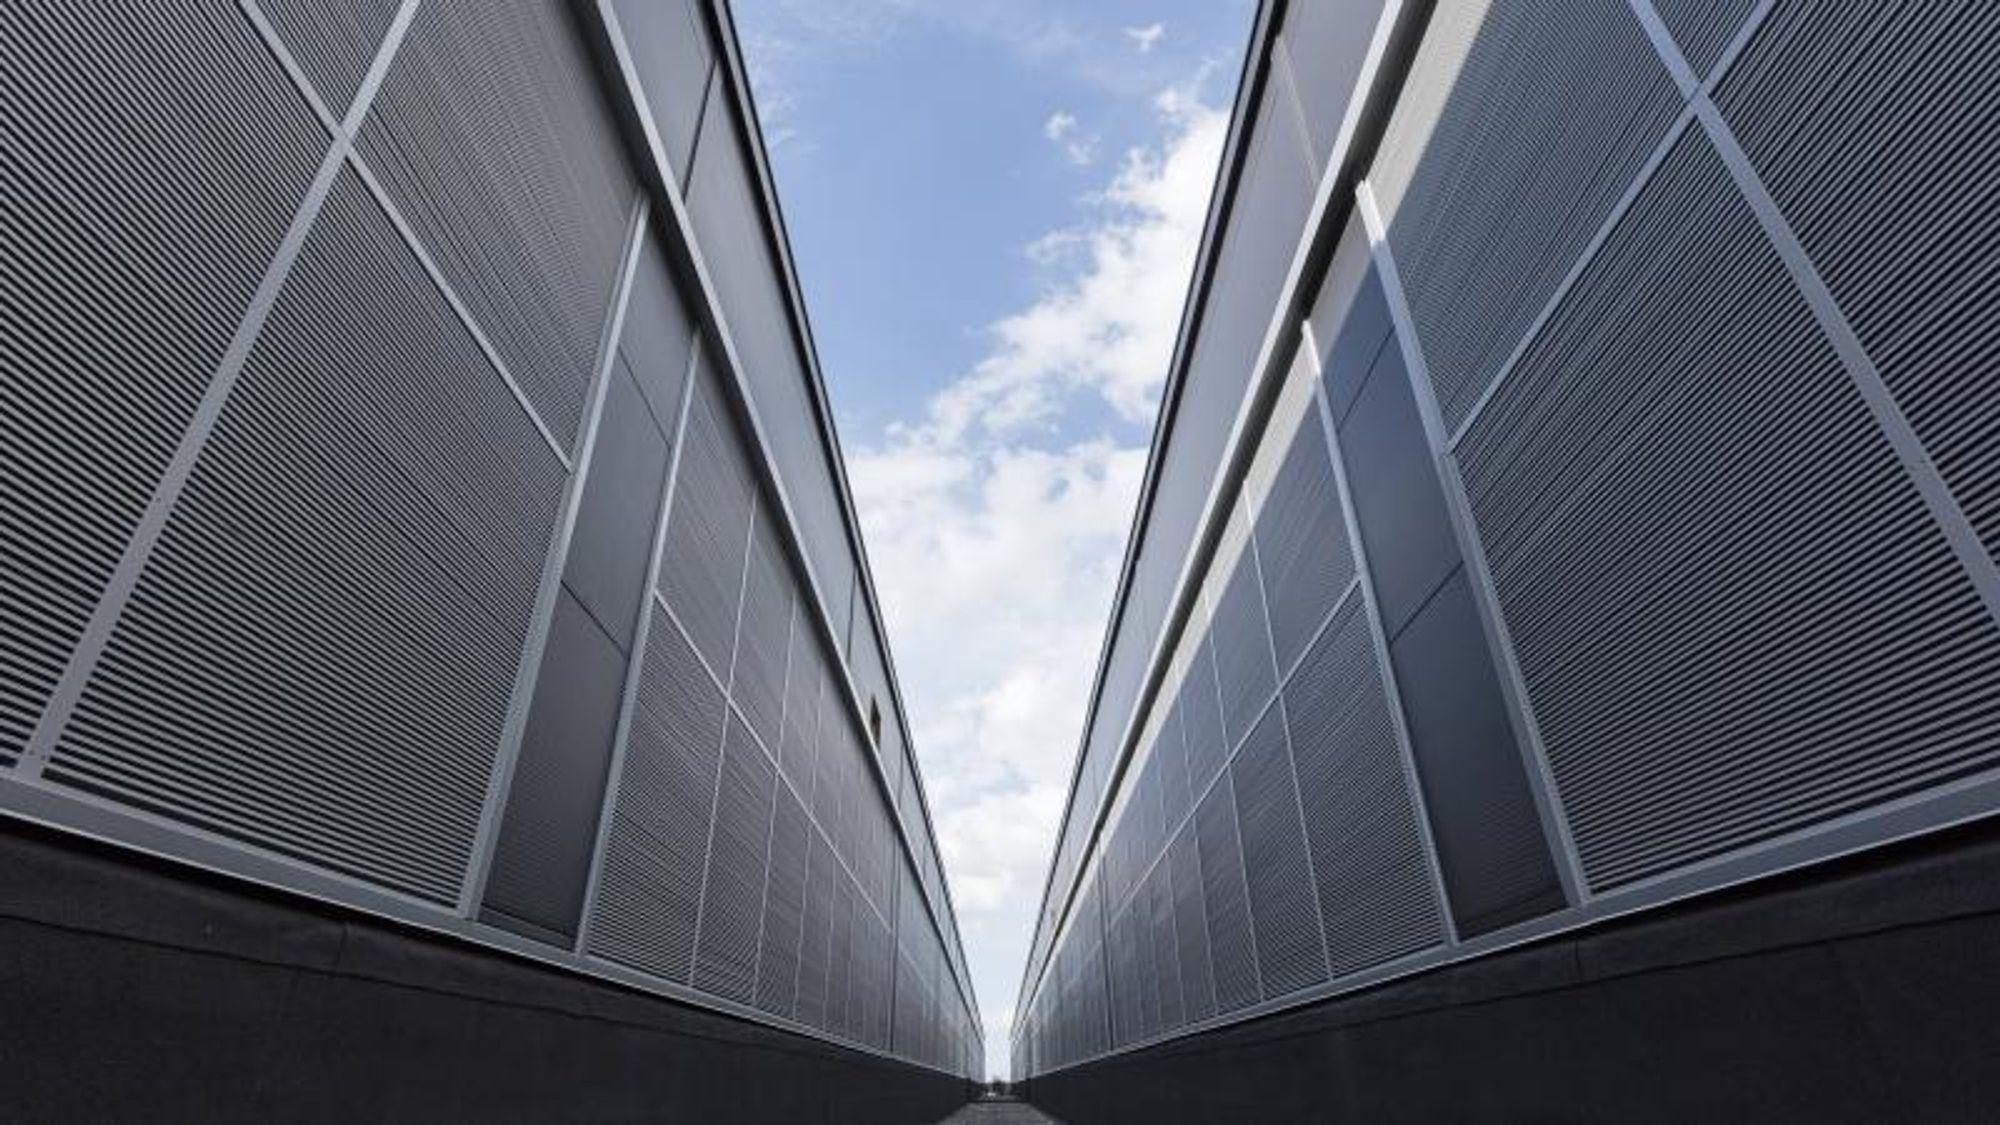 De store datasentrene skyter opp som kolosser på dansk mark mellom gjødseltanker og svinegårder, og blir gigantiske storkunder for den danske strømproduksjonen.